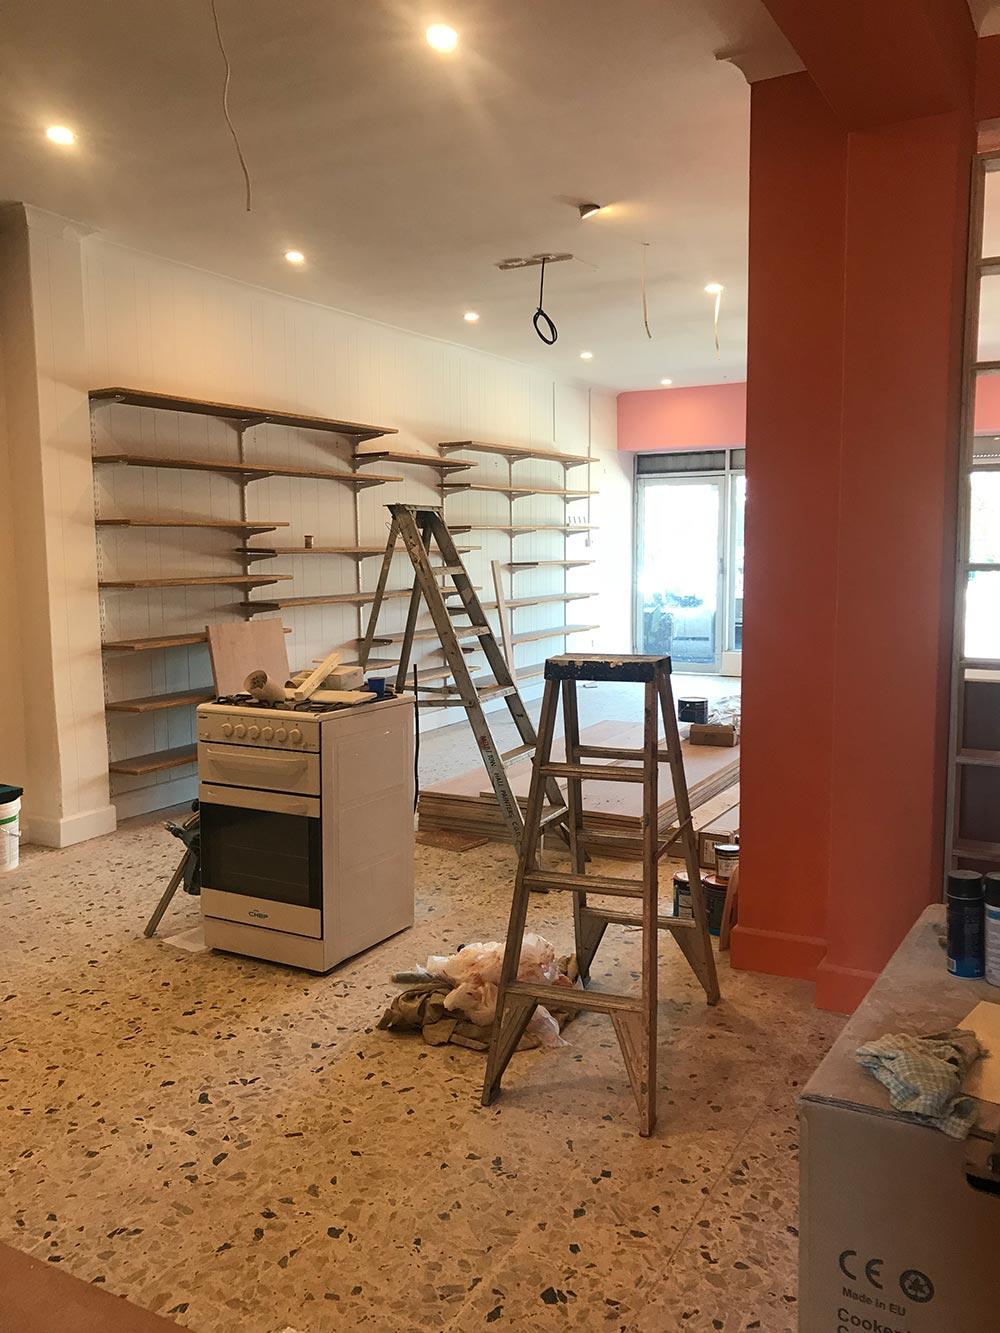 Installation begins